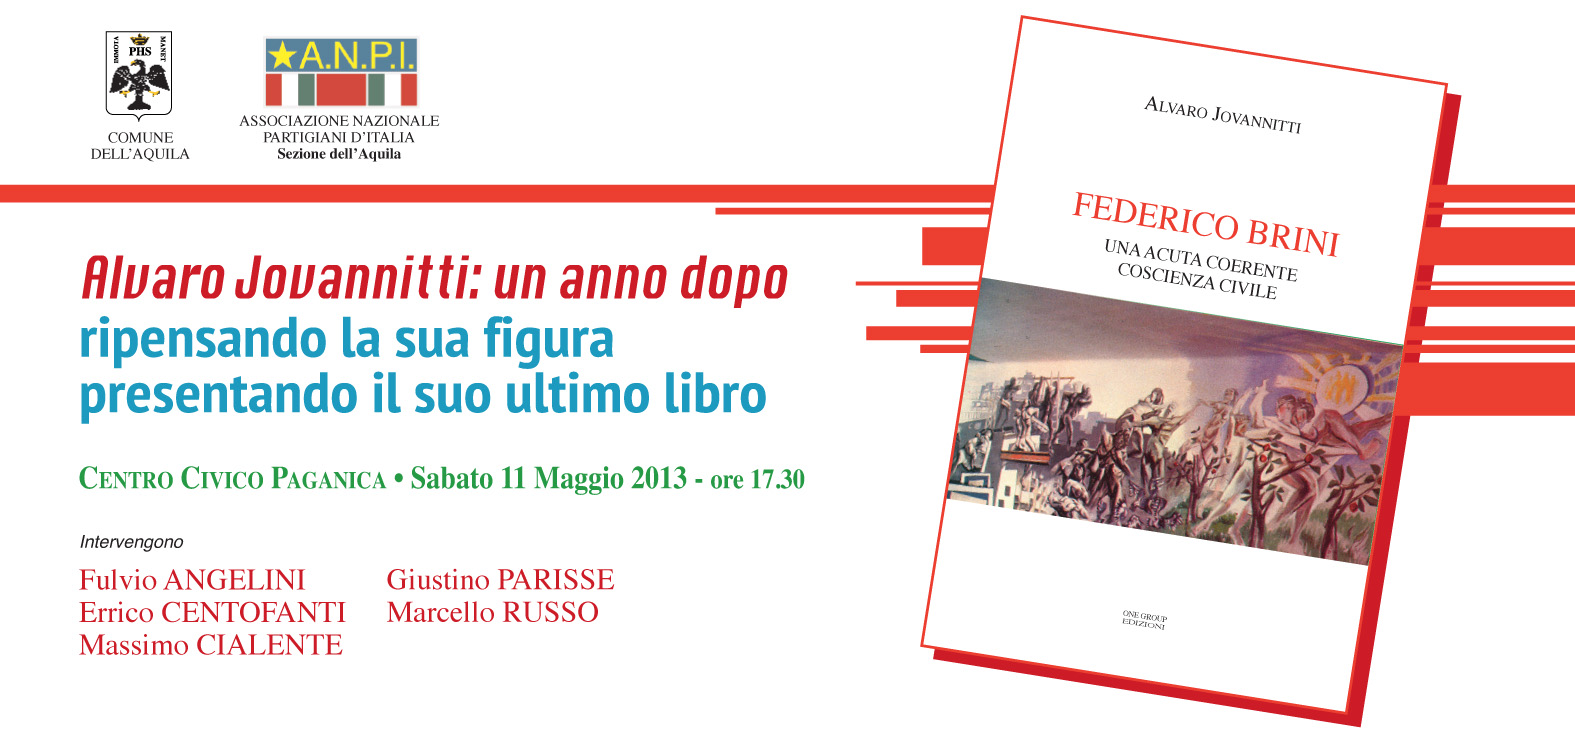 invito Alvaro Jovannitti